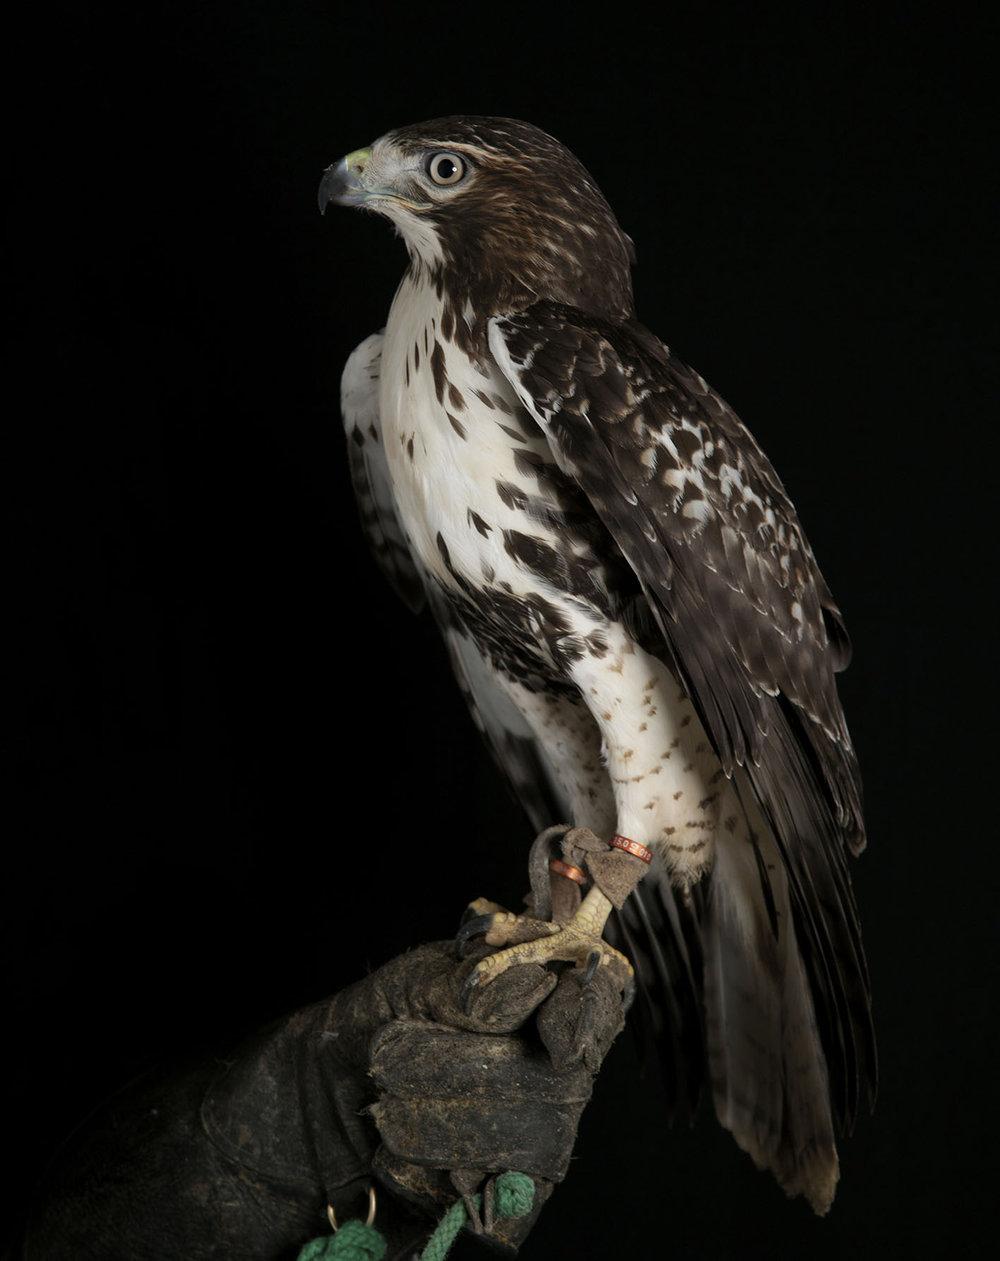 marja sterck - brid of prey 3.jpg